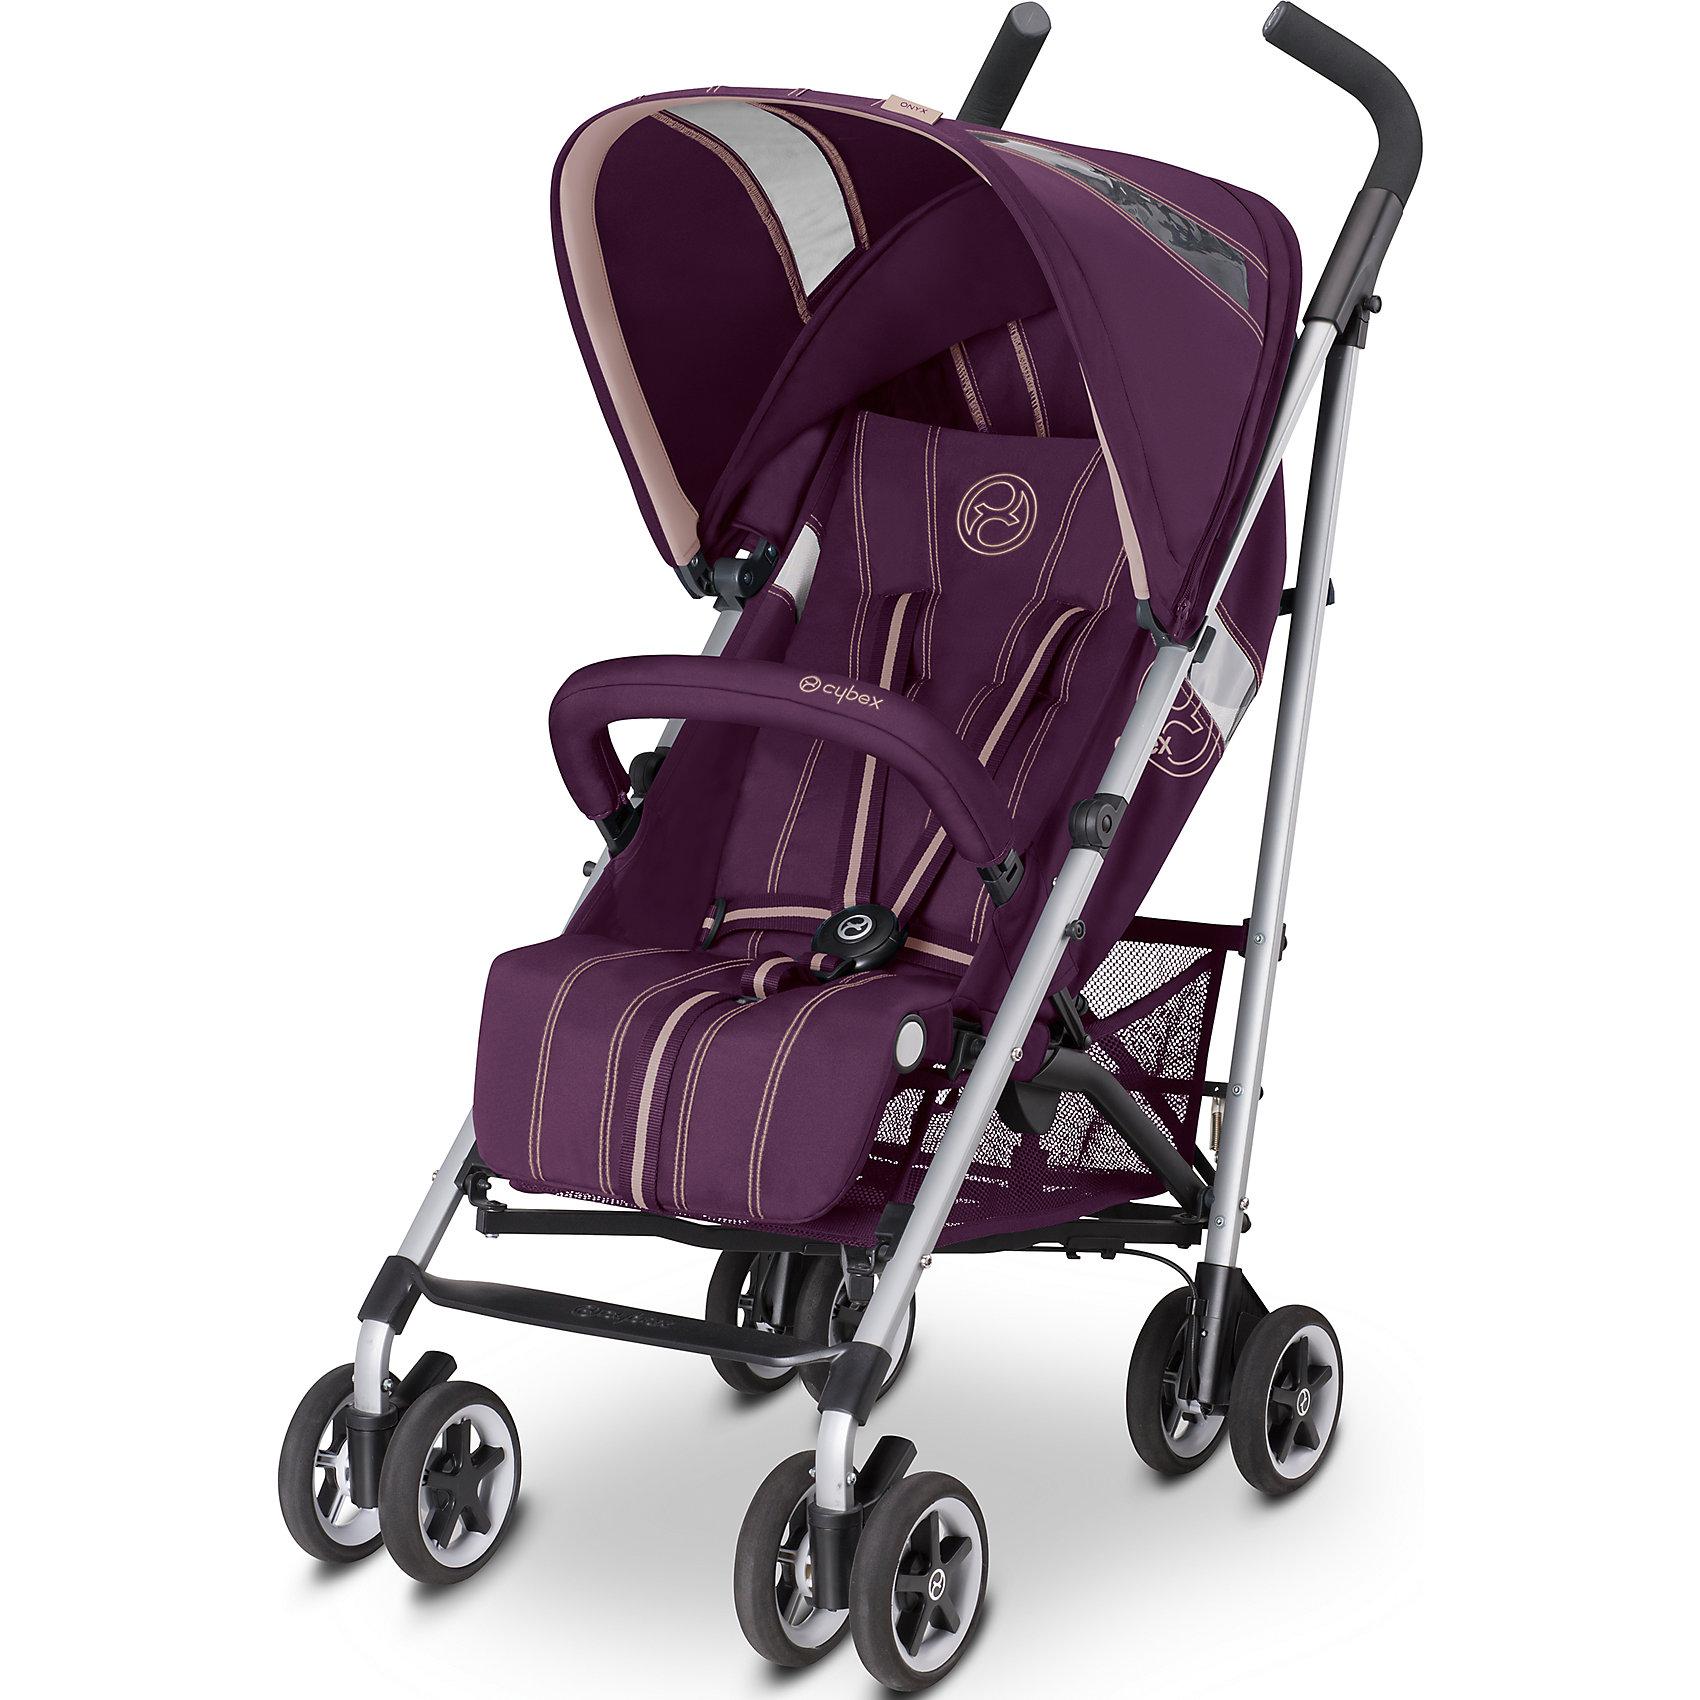 Коляска-трость Onyx Princess, Cybex, розовый 2016Коляски-трости<br>Cybex Onyx - это легкая и маневренная коляска-трость, которая просто идеально подходит для прогулок по городу, удобна в магазине или в общественном транспорте, а также во время путешествий и поездок на автомобиле. Коляска легко складывается и раскладывается. Подходит для детей с 6 месяцев и примерно до 3 лет. <br><br>Особенности:<br>- 4 положения спинки. Спинка откидывается почти горизонтально, что очень удобно для малыша во время сна на прогулке (170?)<br>- 5-ти точечные ремни безопасности с запатентованной системой натяжения ремней одним нажатием обеспечат вашему малышу надежную защиту;<br>- Обивка выполнена из дышащих материалов, летом коляска хорошо вентилируется, что сделает прогулку малыша еще комфортнее;<br>- Есть съемный бампер (перекладина безопасности перед ребенком);<br>- Внушительный капюшон будет отличной защитой малышу от солнца;<br>- Прочный силиконовый дождевик, который идет в комплекте, надежно укроет вашего ребенка от дождя;<br>- Смотровое окошко на капюшоне дает возможность наблюдать за малышом;<br>- В капюшоне Сайбекс Оникс есть дополнительный карман для необходимых мелочей, которые должны быть под рукой;<br>- Регулируемая подножка значительно удлиняет спальное место;<br>- Удобные, эргономичной формы ручки с нескользящими накладками (ручки не регулируются);<br>- Прочная рама из 100% алюминия очень легкая, благодаря чему коляской легкой управлять и она удобна для транспортировки;<br>- 4 пары сдвоенных колес, которые изготовлены из плотной и прочной резины, а литые диски на колесах сделаны из бесшумного и морозоустойчивого пластика;<br>- Передние поворотные колеса (вращаются на 360 градусов), которые легко фиксируются, обеспечивают отличную управляемость и маневренность коляски;<br>- На задних колесах Cybex Onyx центральный тормоз, который надежно удержит коляску на месте. Также на задних колесах мягкая подвеска, которая будет сглаживать неровности на дороге;<br>для удобства перенос